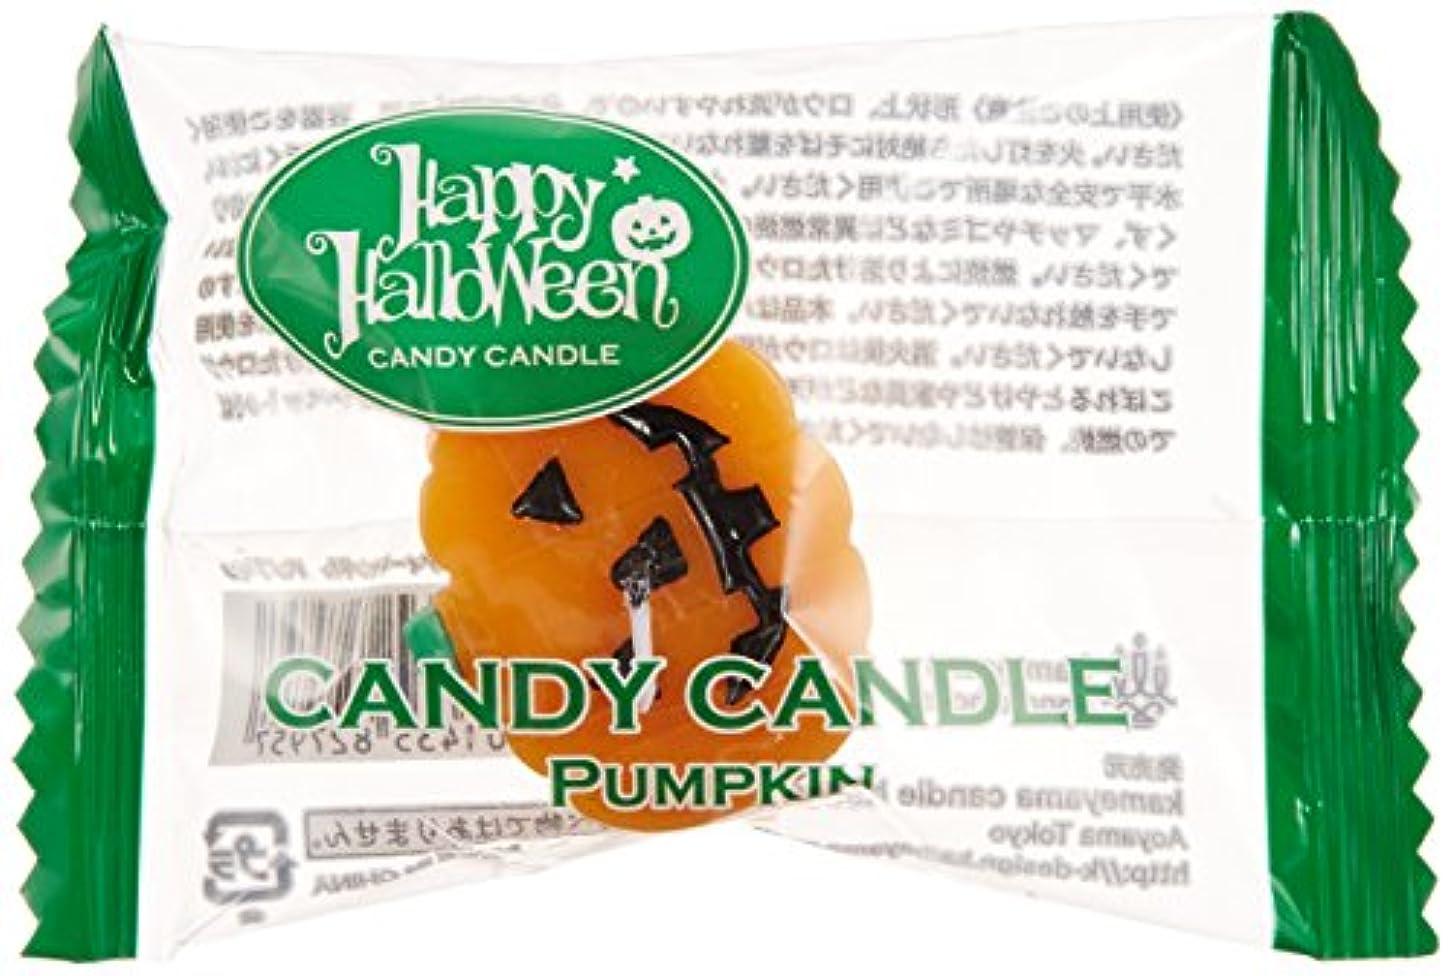 シャトル間違えた軍団キャンディーキャンドル 「 パンプキン 」